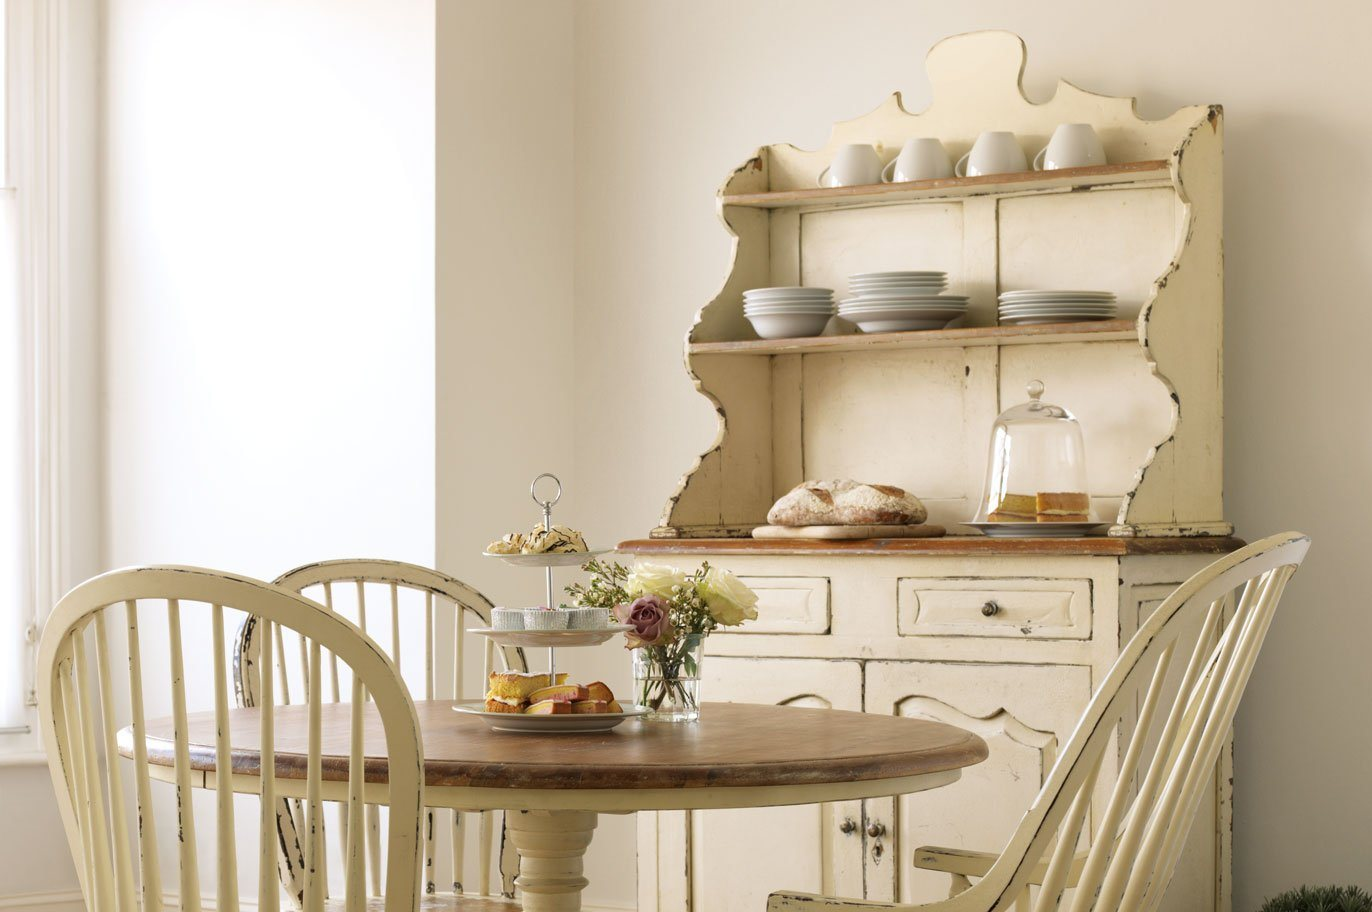 Aparador Cabelo Ingles ~ Móveis para uma cozinha de estilo ingl u00eas Decoraç u00e3o da casa